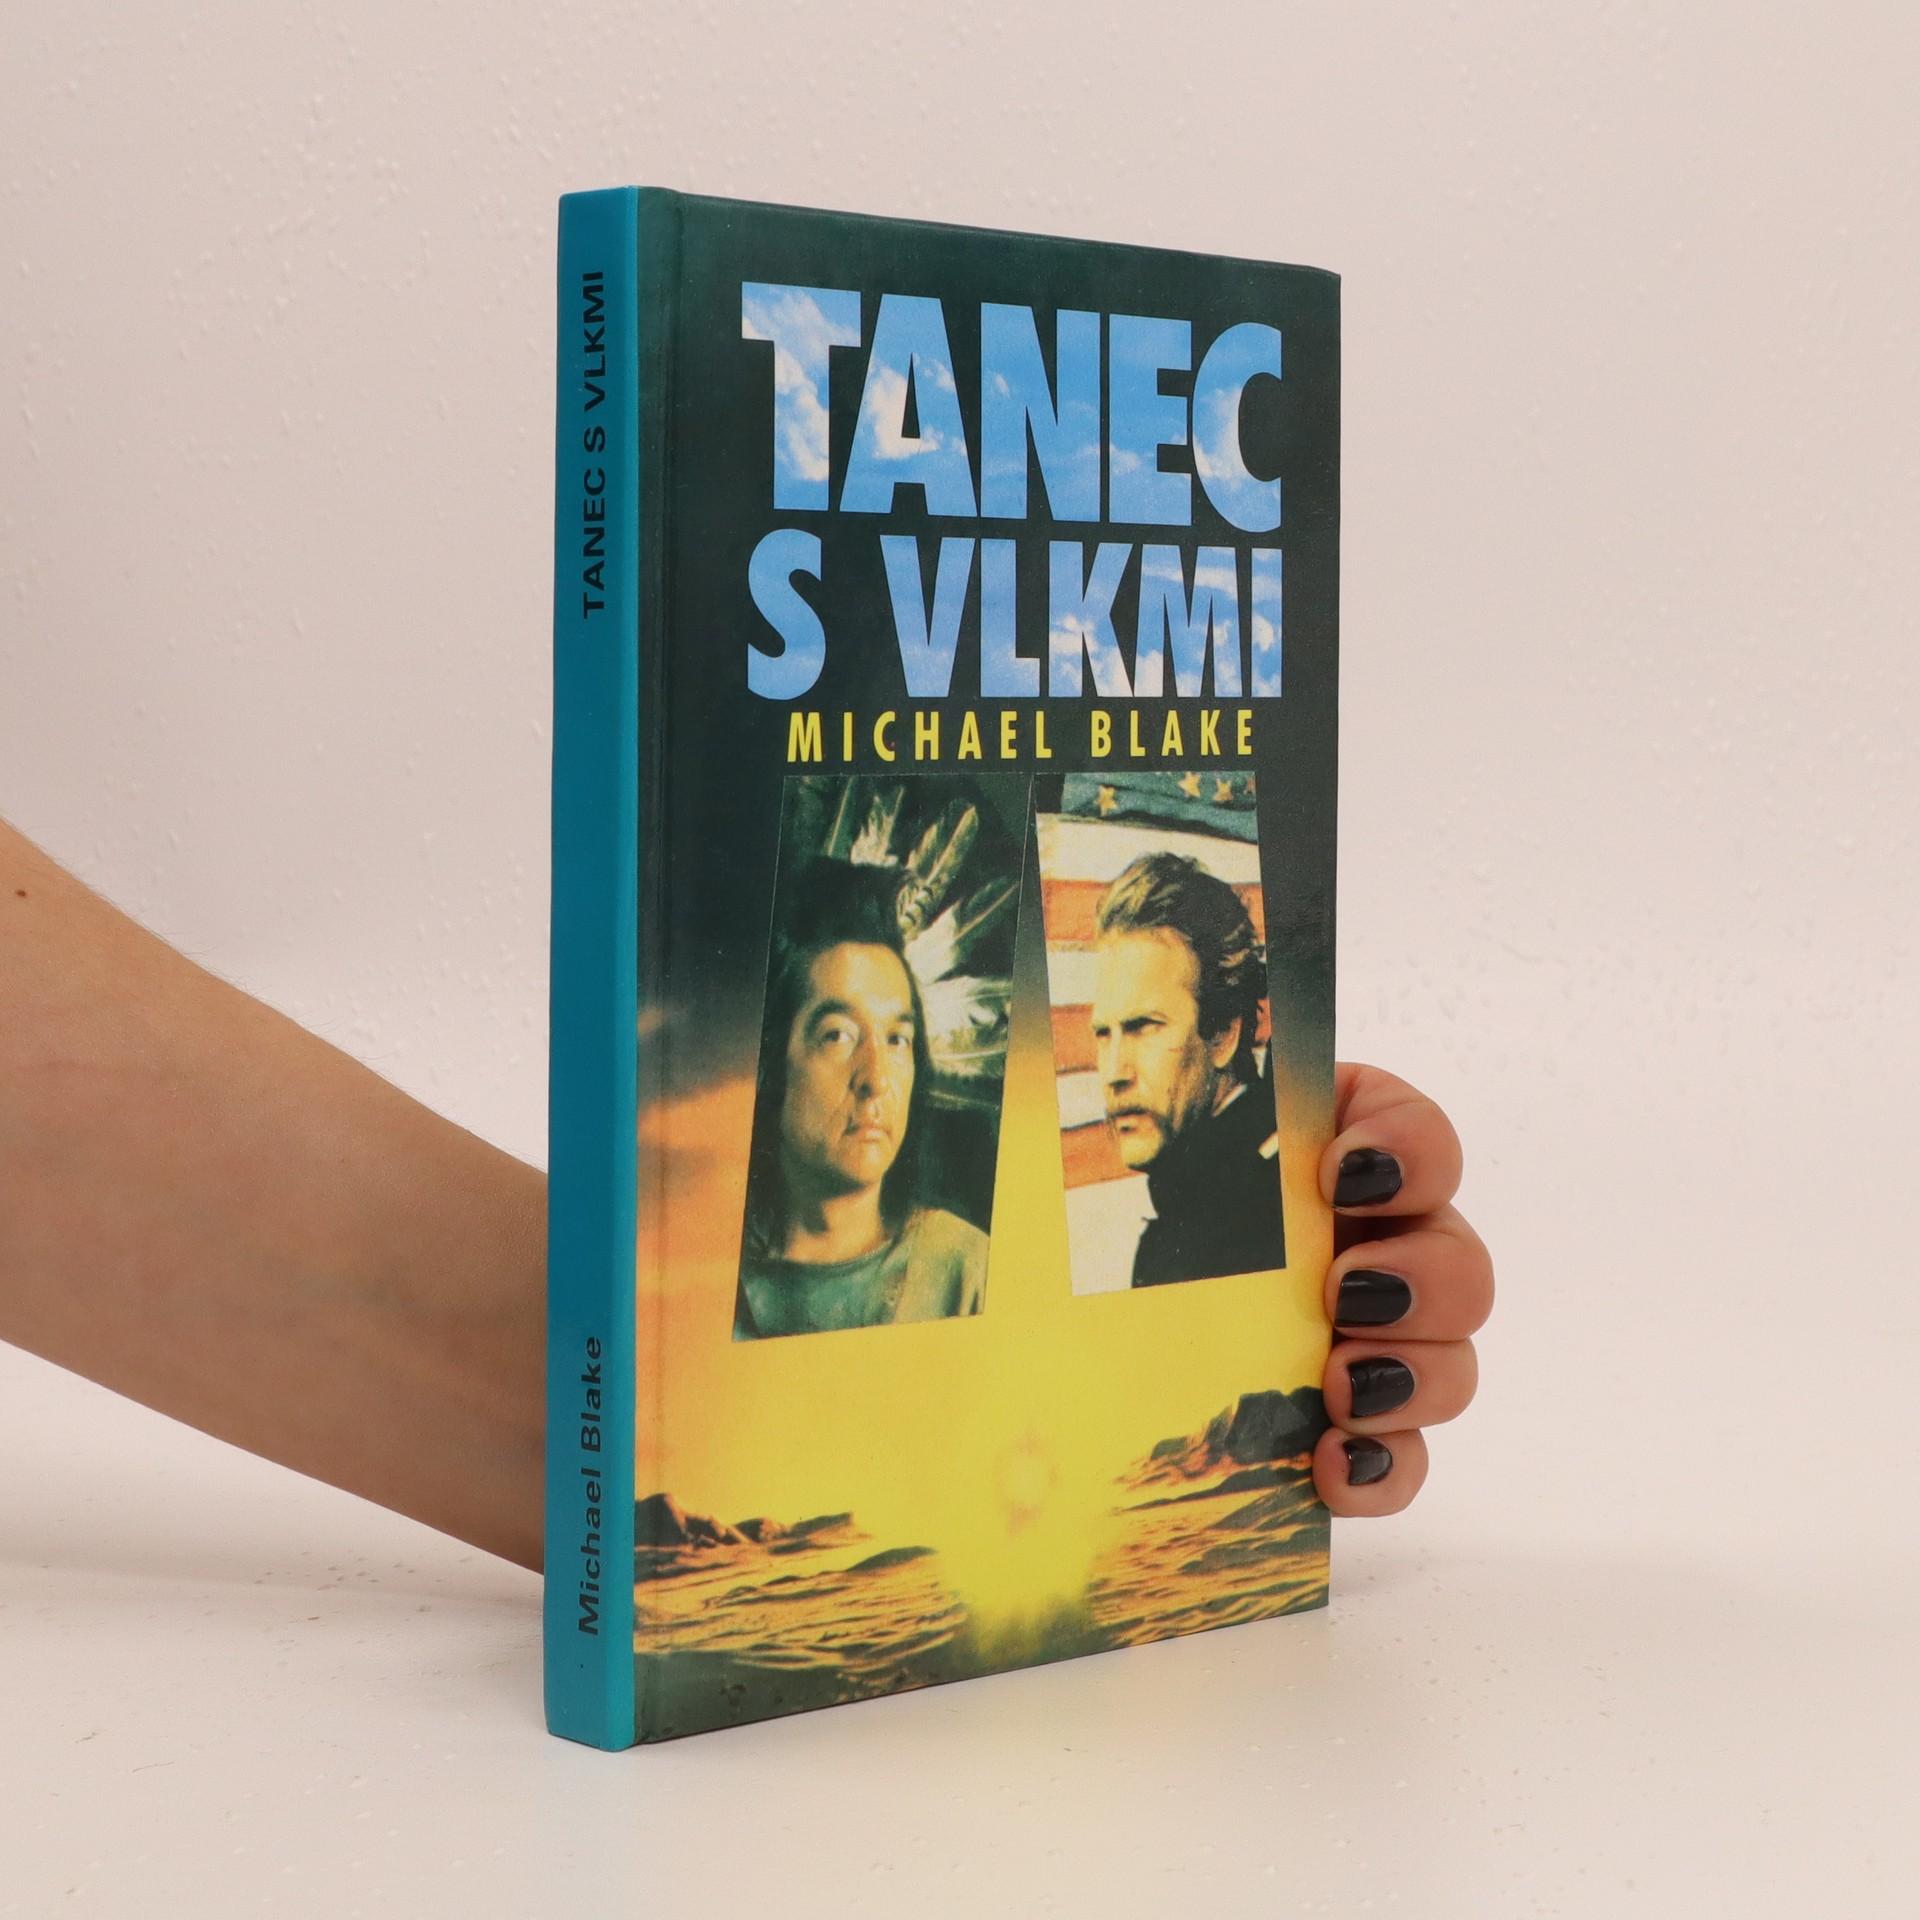 antikvární kniha Tanec s vlkmi, 1992